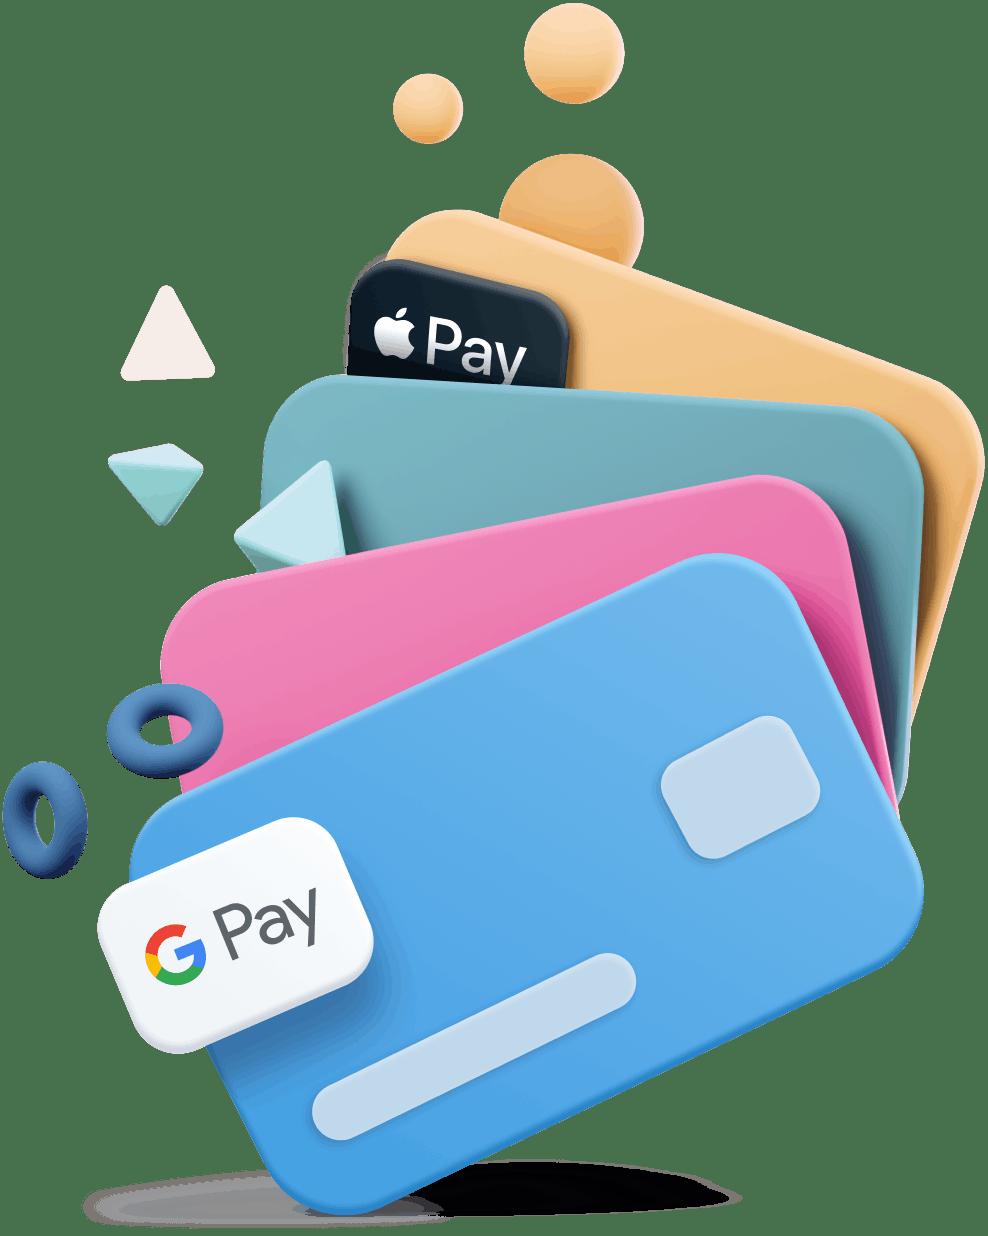 cartoon credit cards